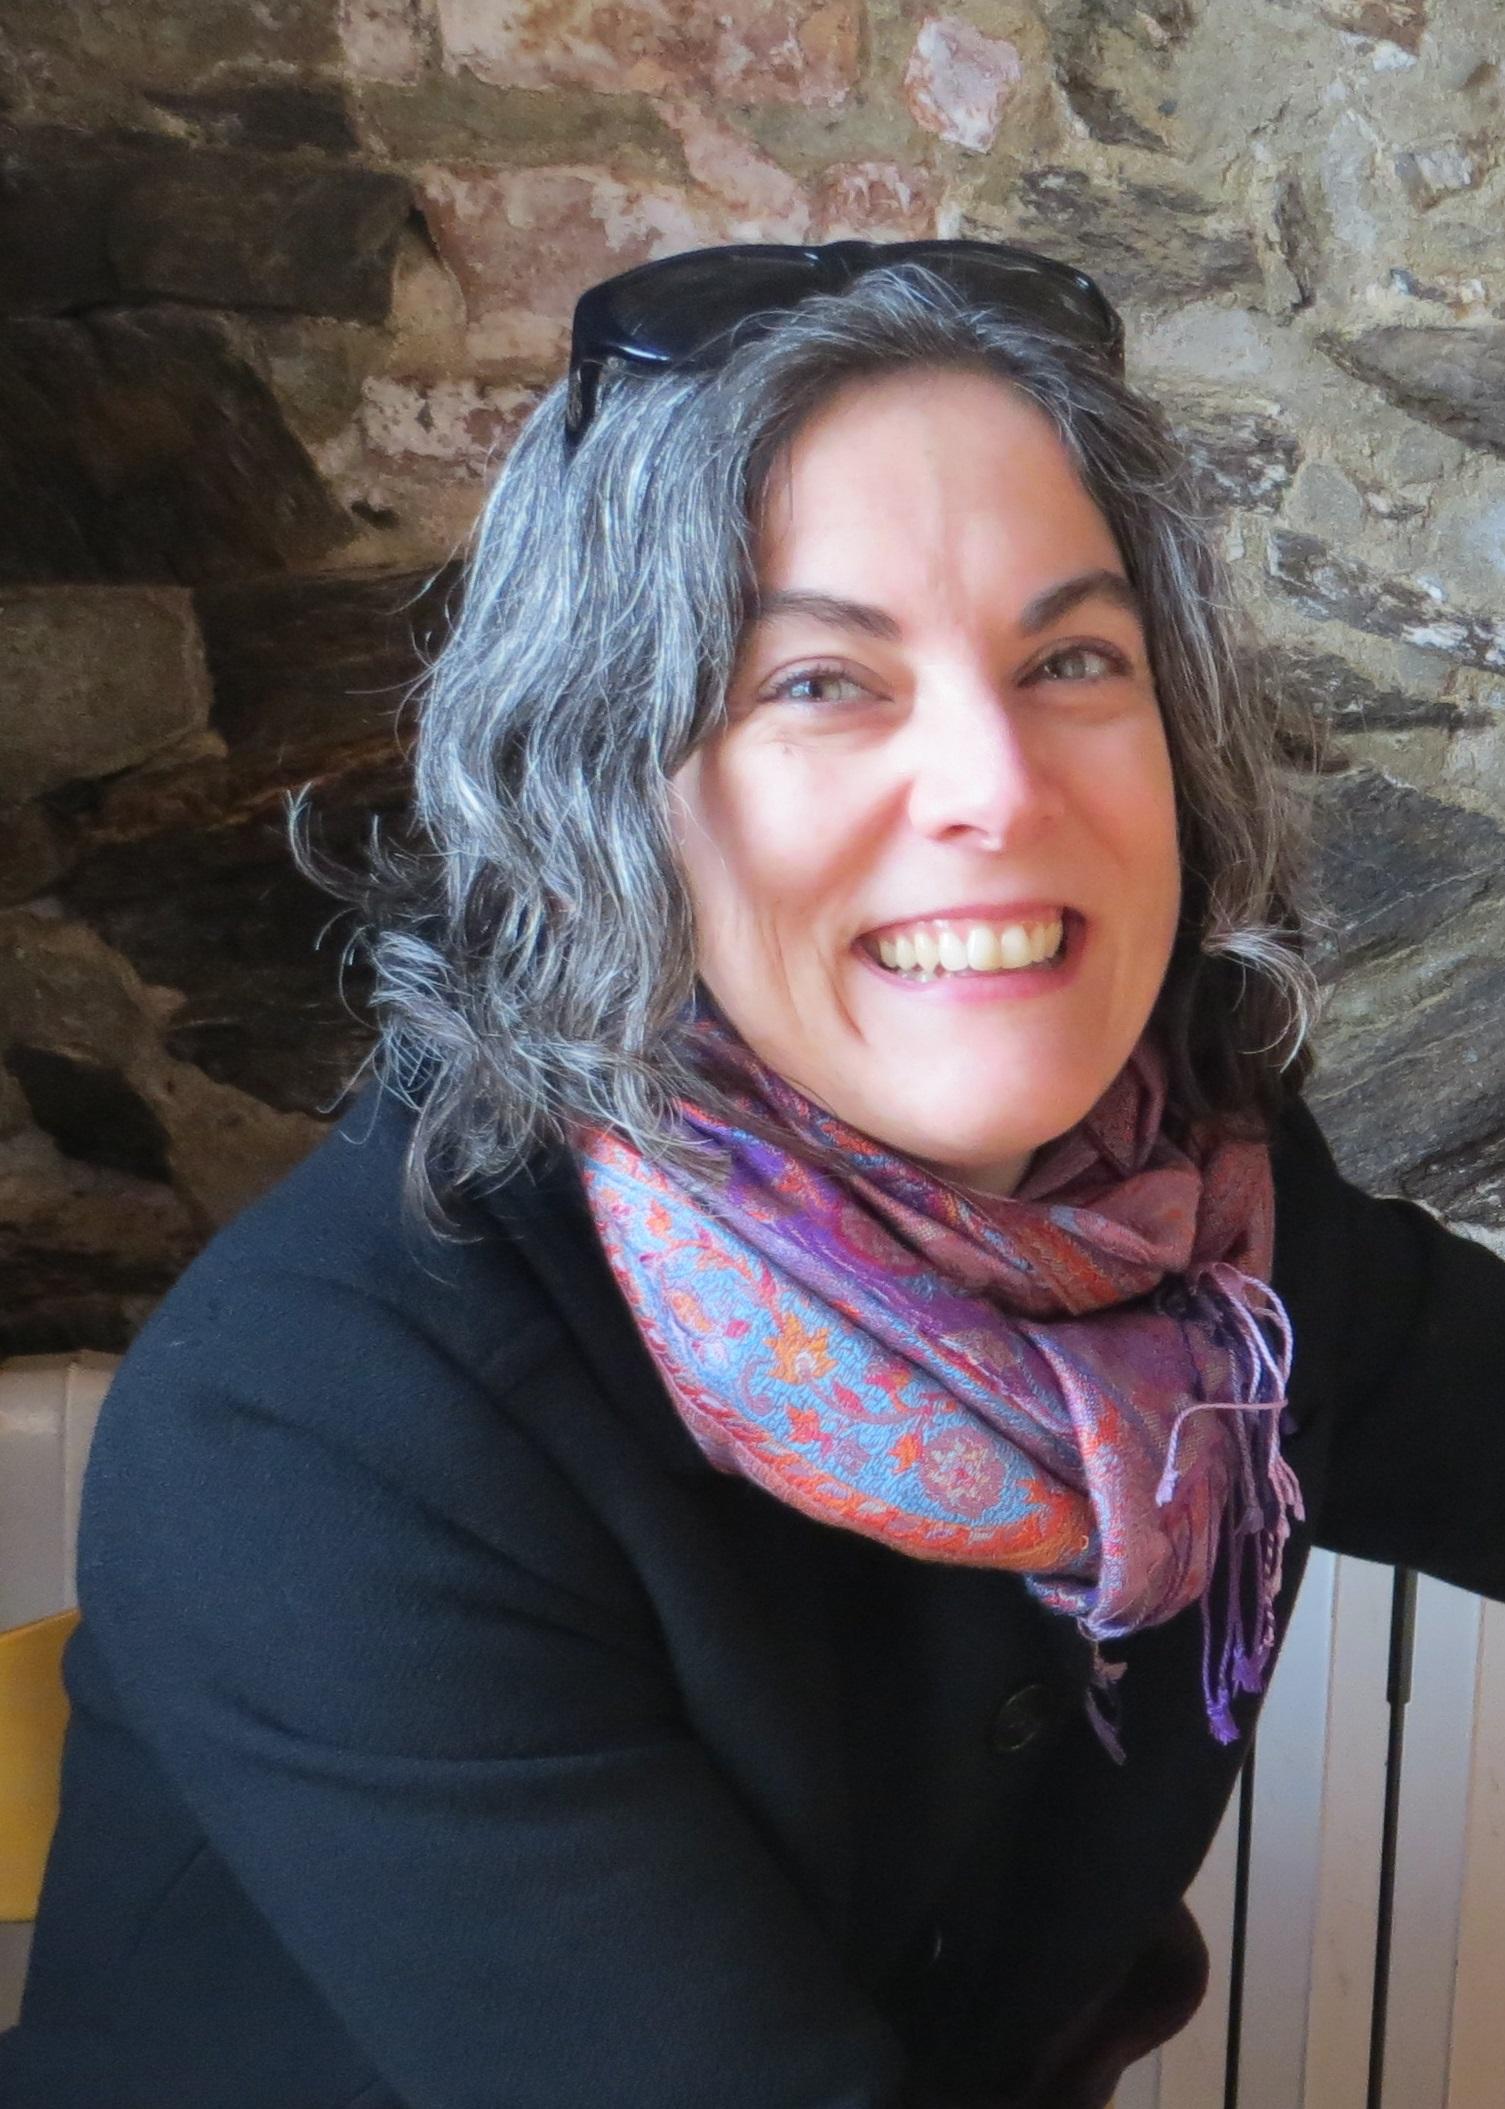 Piper Martin